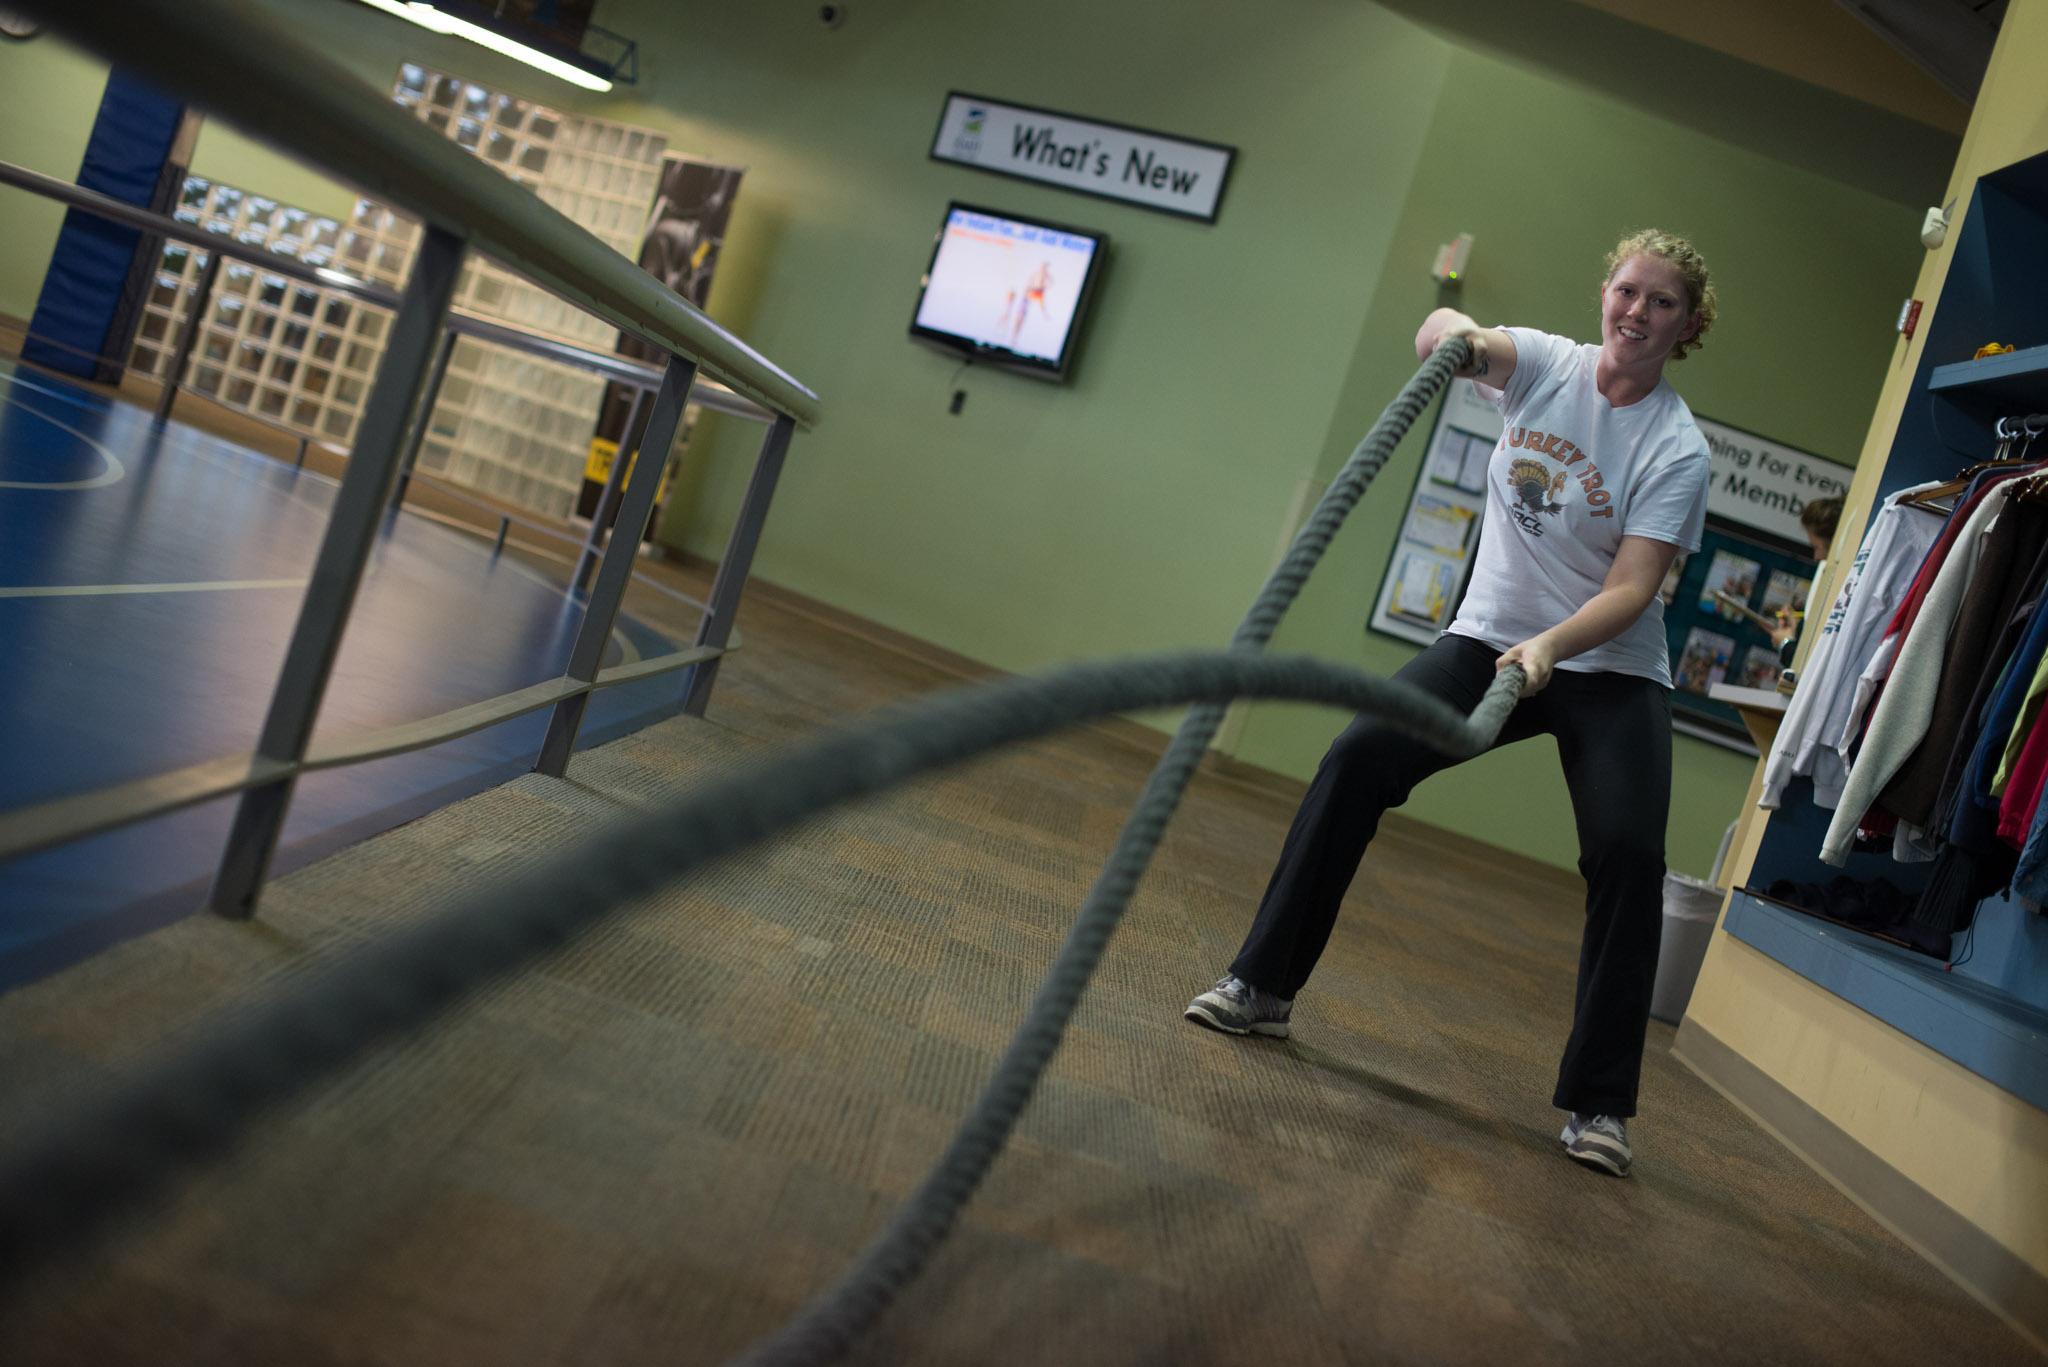 Wellness Center Stock Photos-1298.jpg